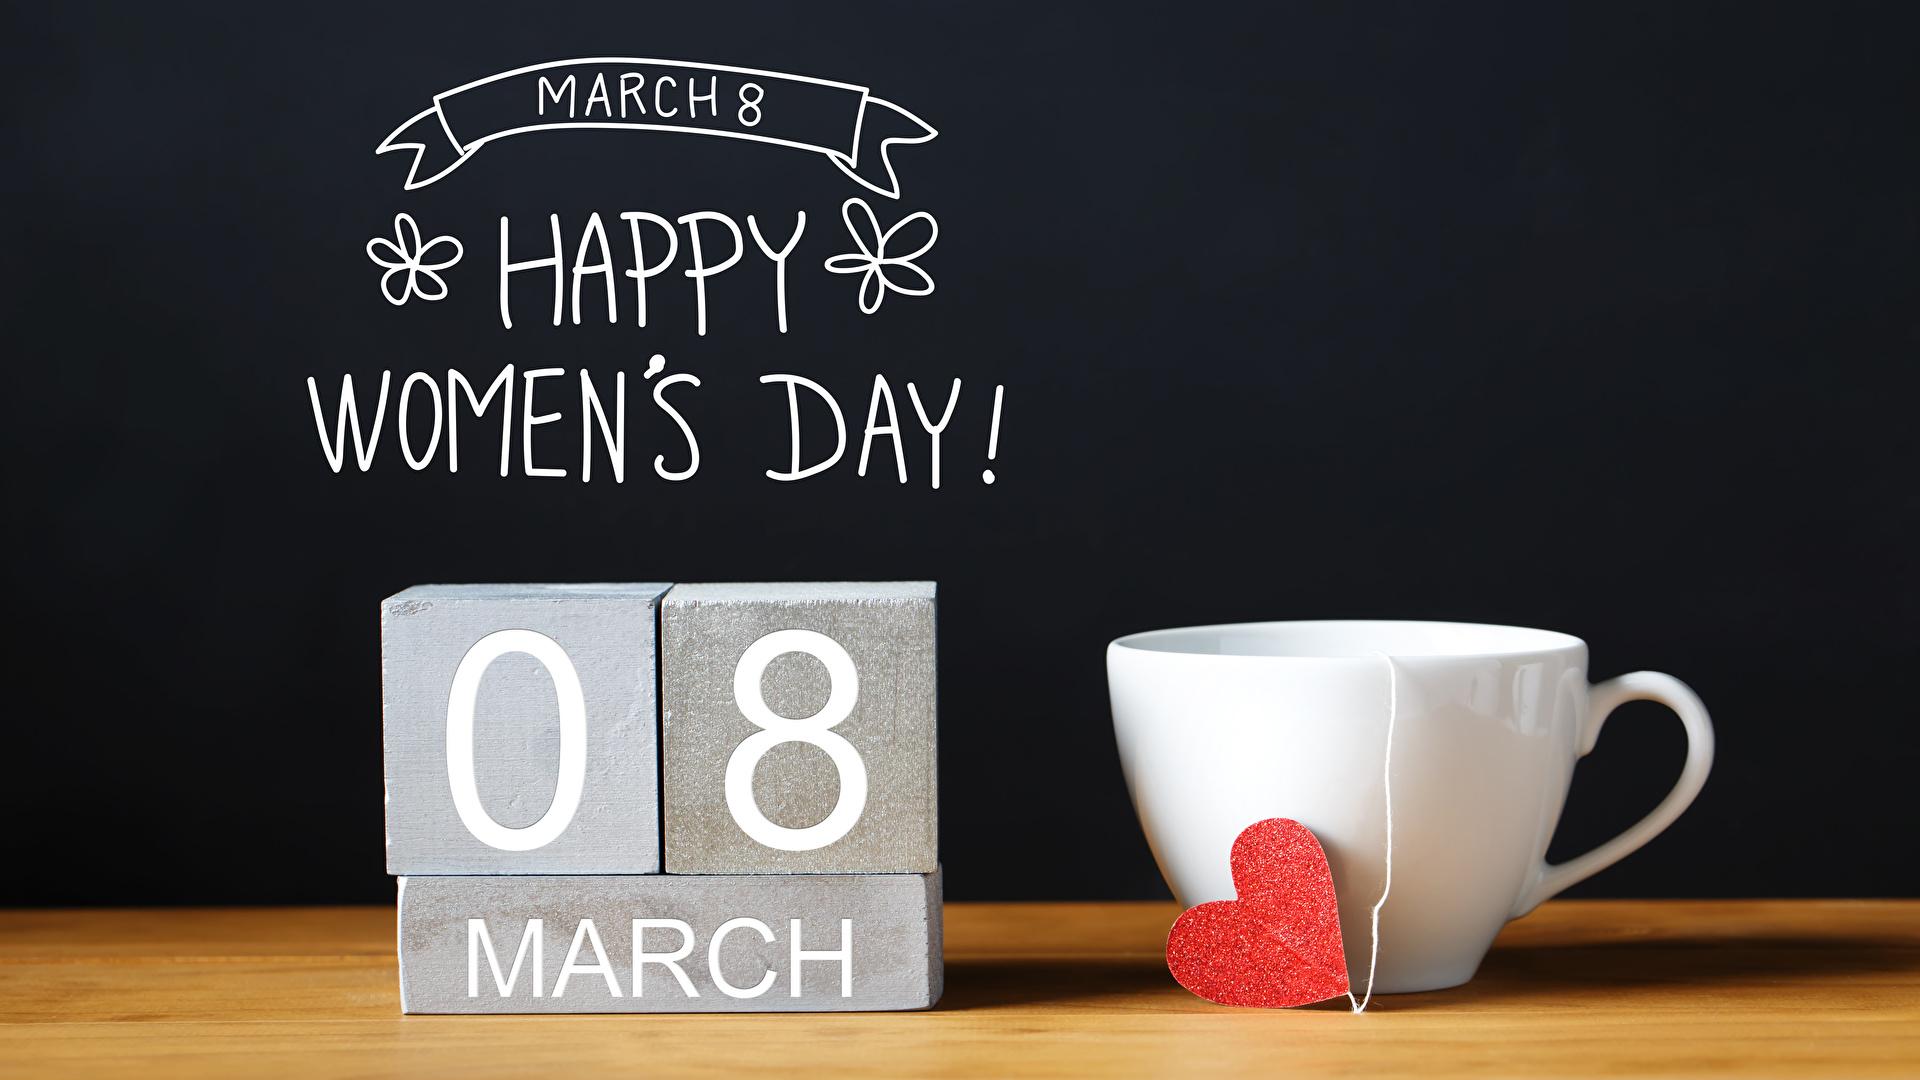 Bilder von 8 März Englisch Herz Tasse Lebensmittel Schwarzer Hintergrund 1920x1080 Internationaler Frauentag